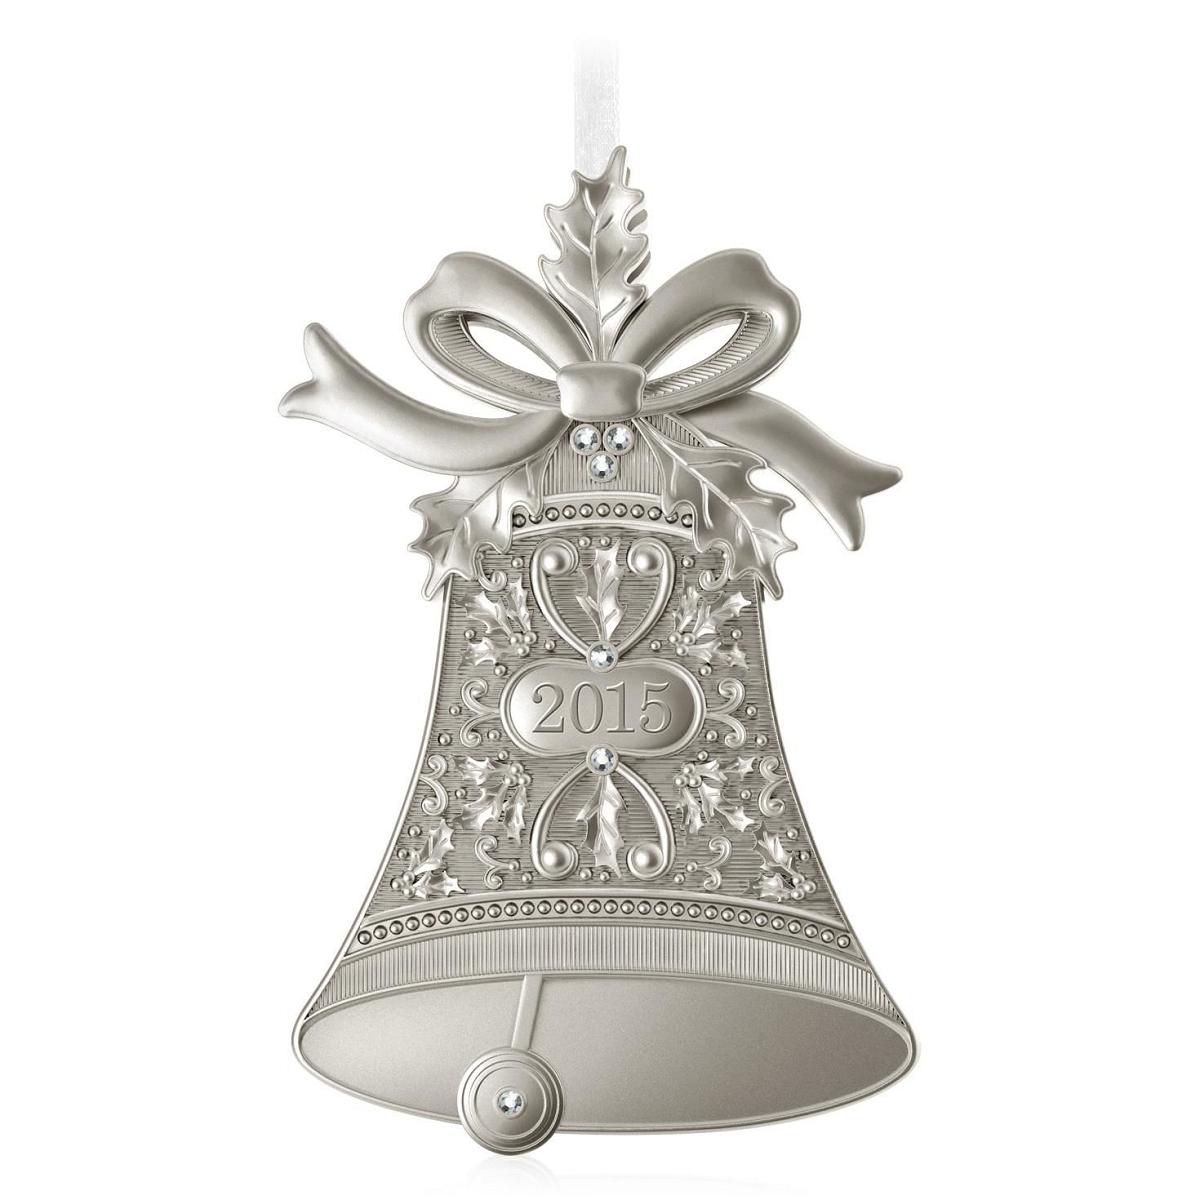 2015 Christmas Bells Hallmark Keepsake Ornament - Hooked ...